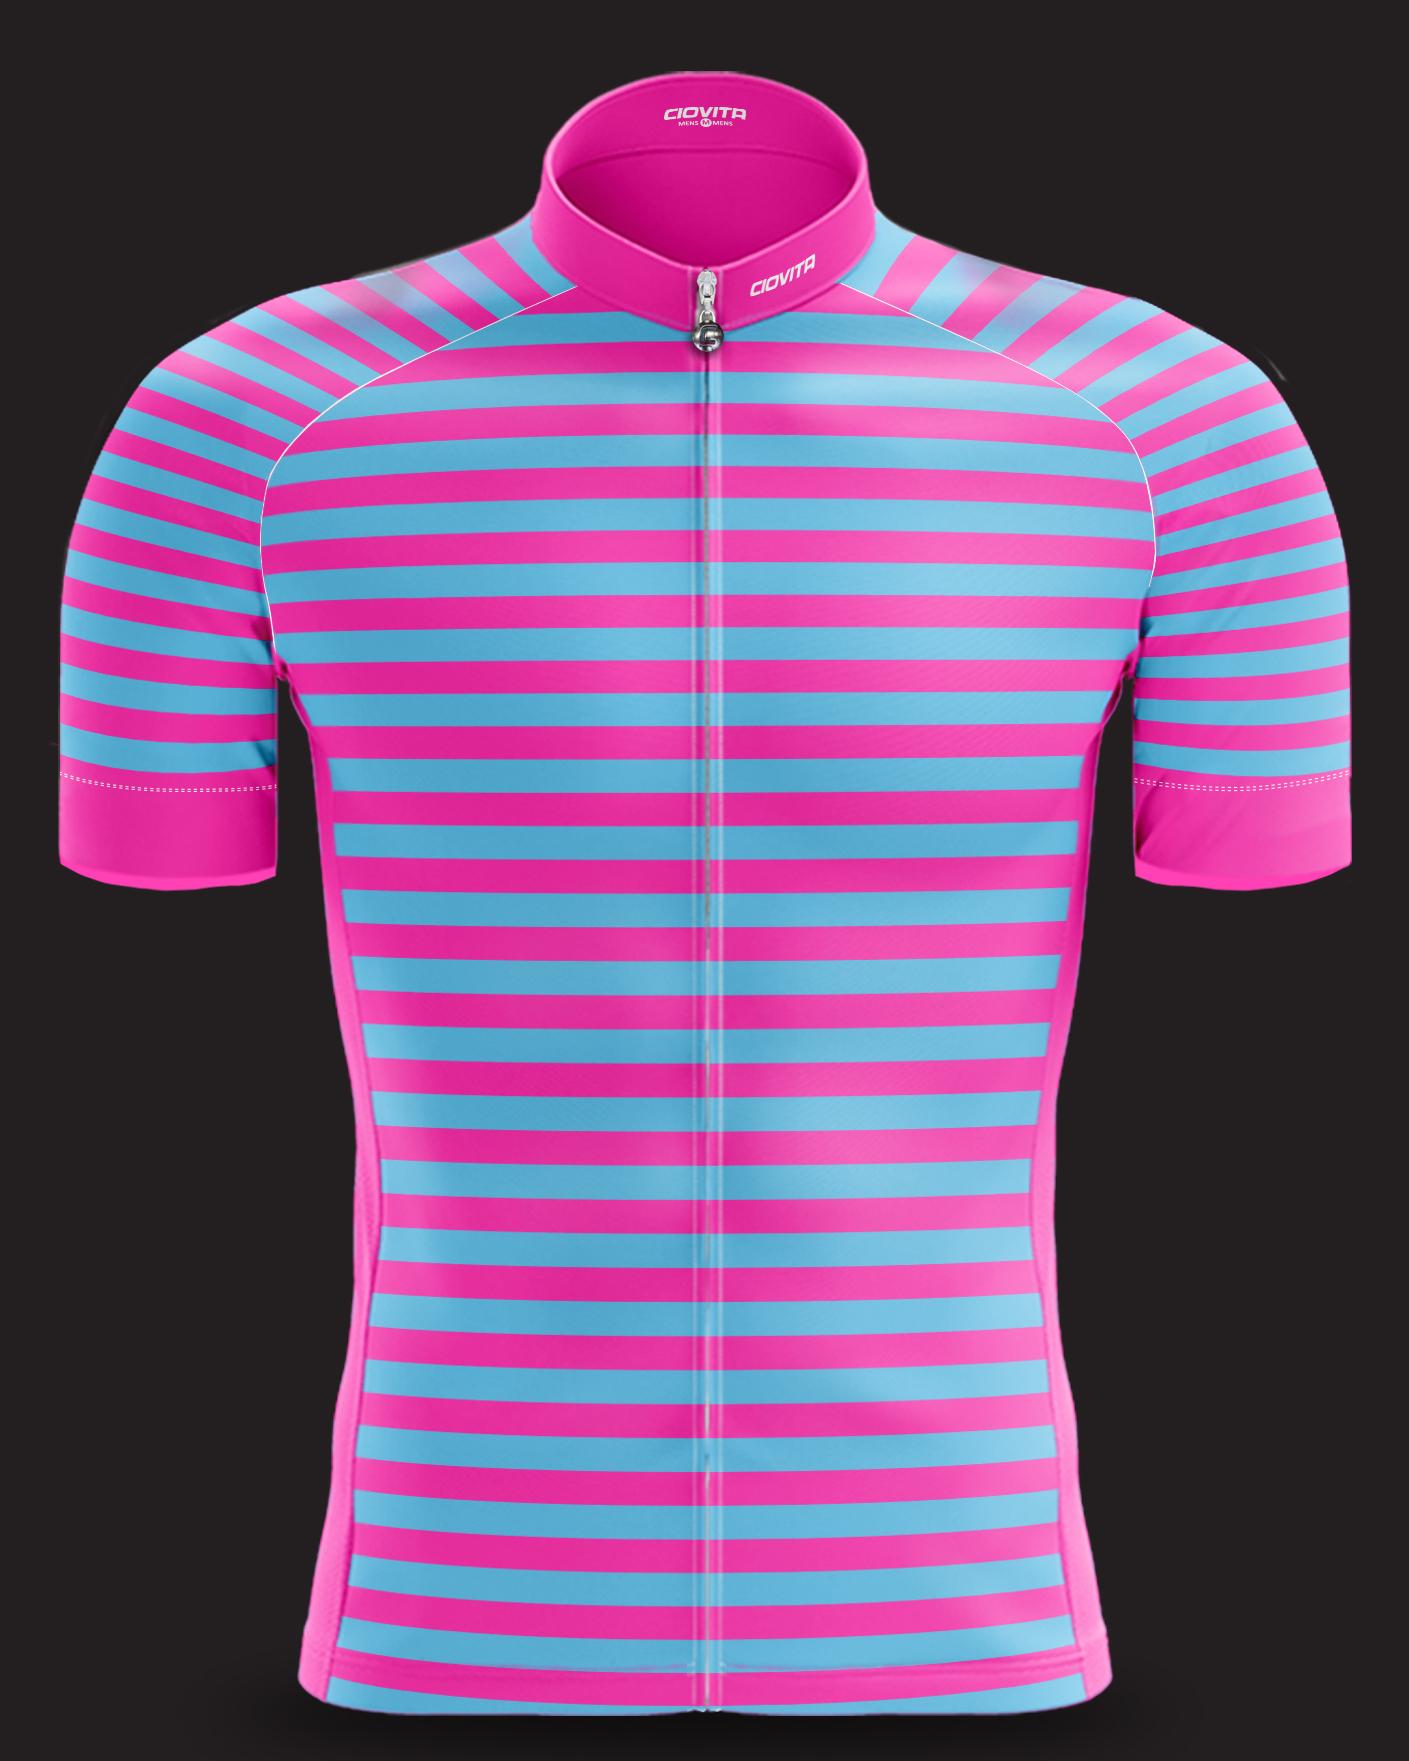 2019 Cycling Jersey P001